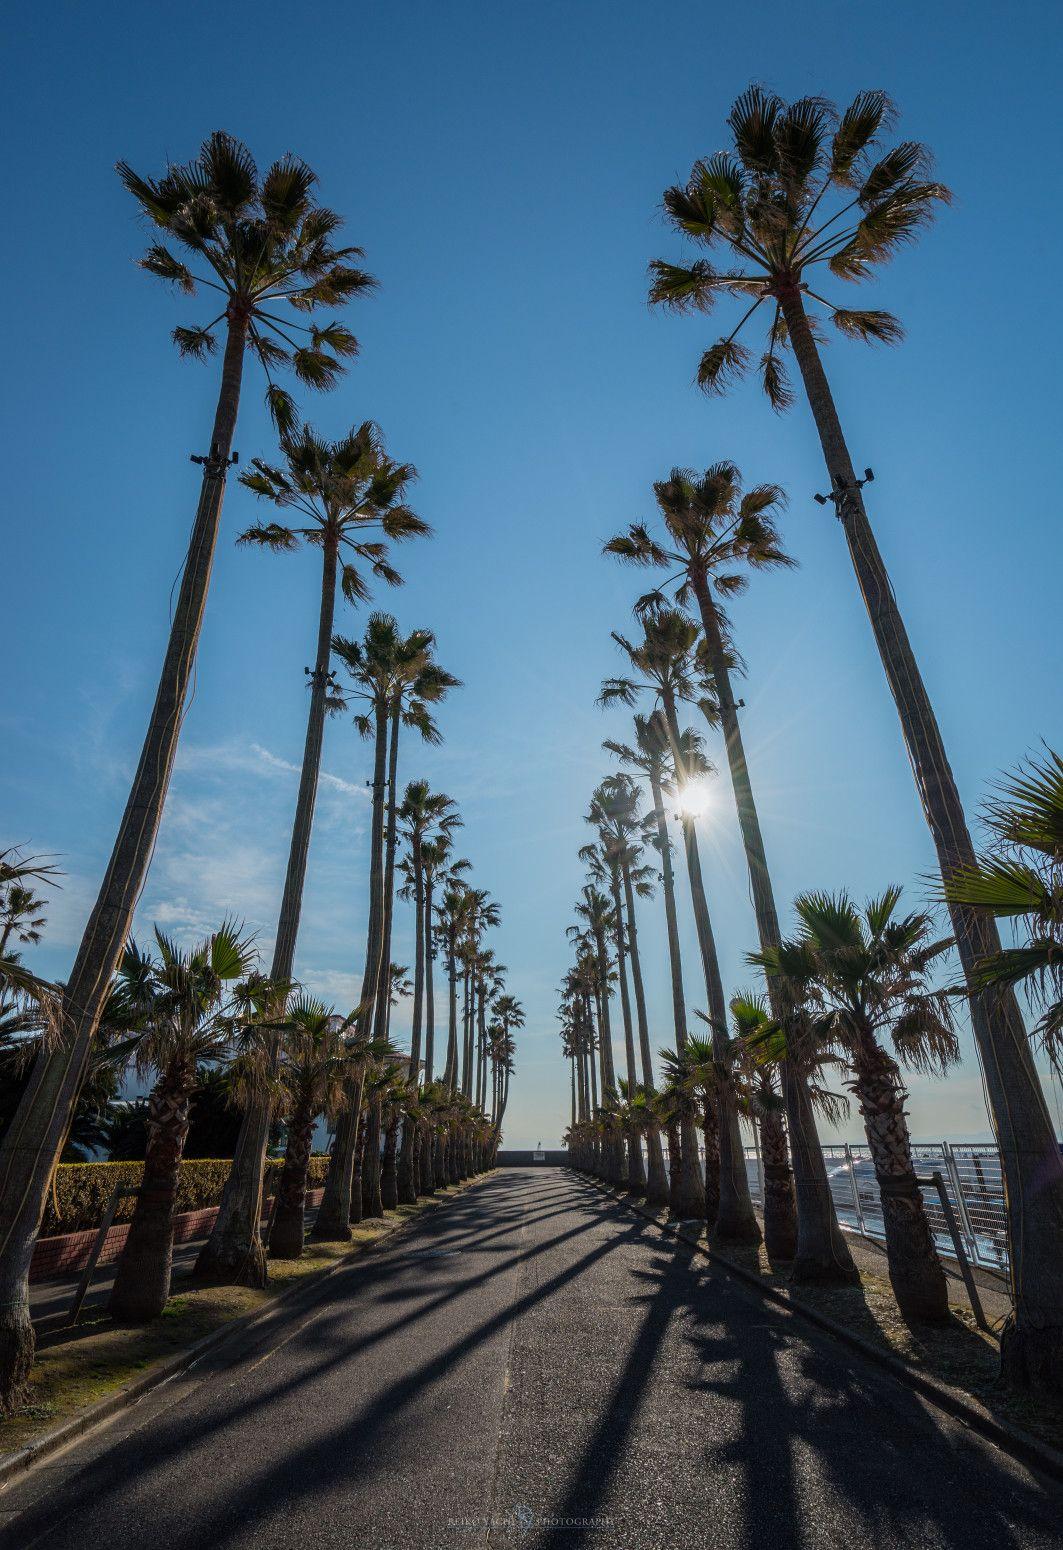 Zushi,shi, kanagawa,ken, Japanで撮影された逗子マリーナの写真 Palm Tree  パシャデリック